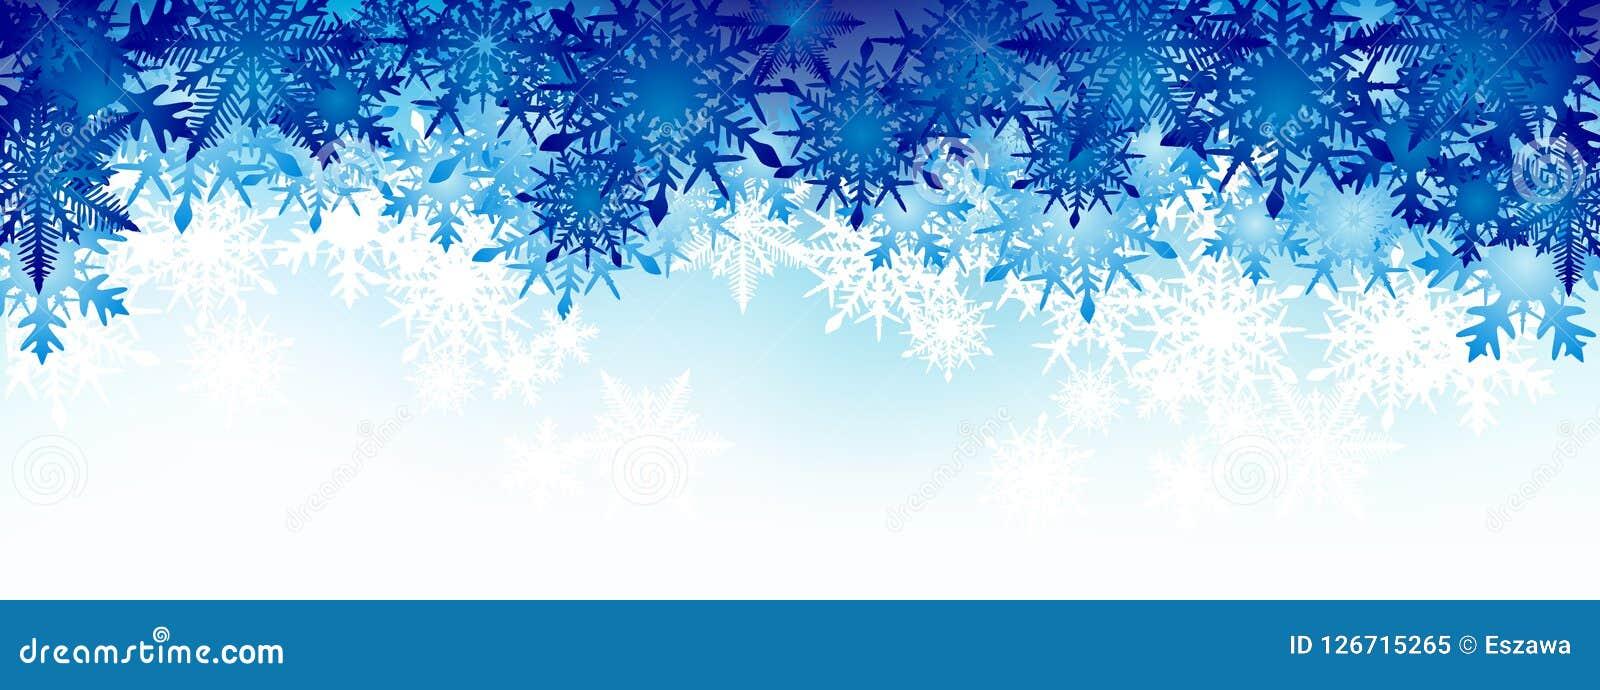 Fond d hiver, flocons de neige - illustration de vecteur